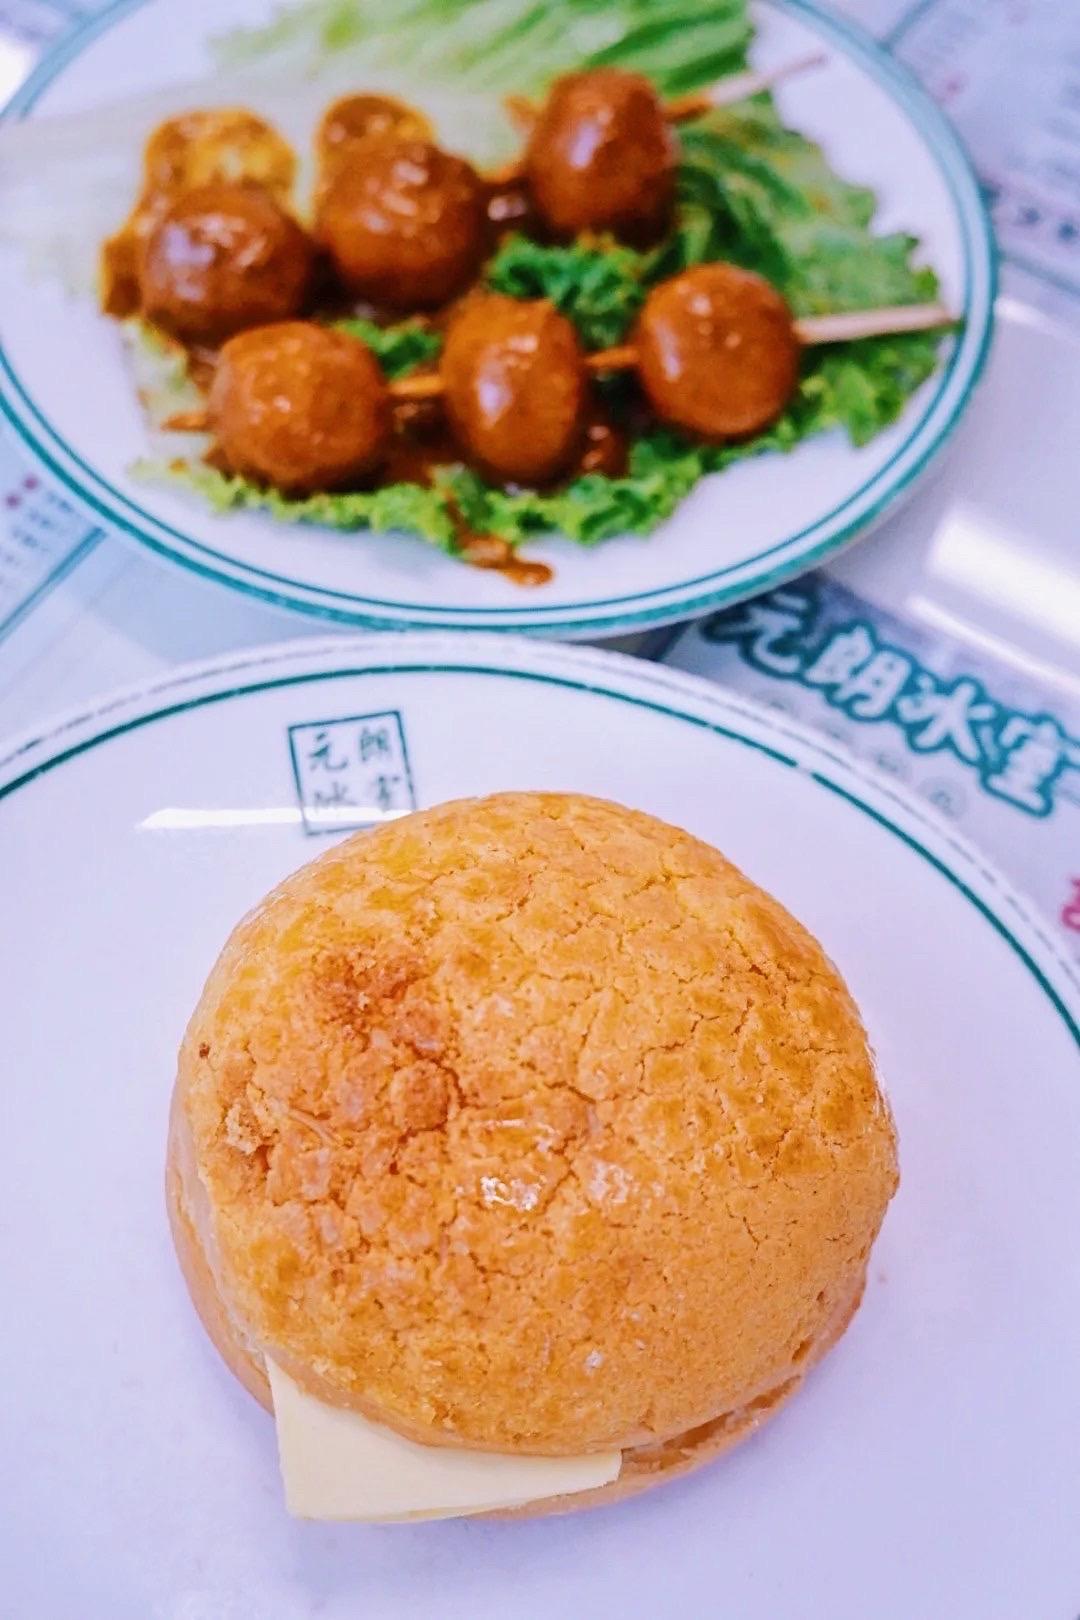 上海元朗冰室攻略,元朗冰室特色菜推薦/菜單/人均消費/電話/地址/菜系/點評/營業時間【攜程美食林】